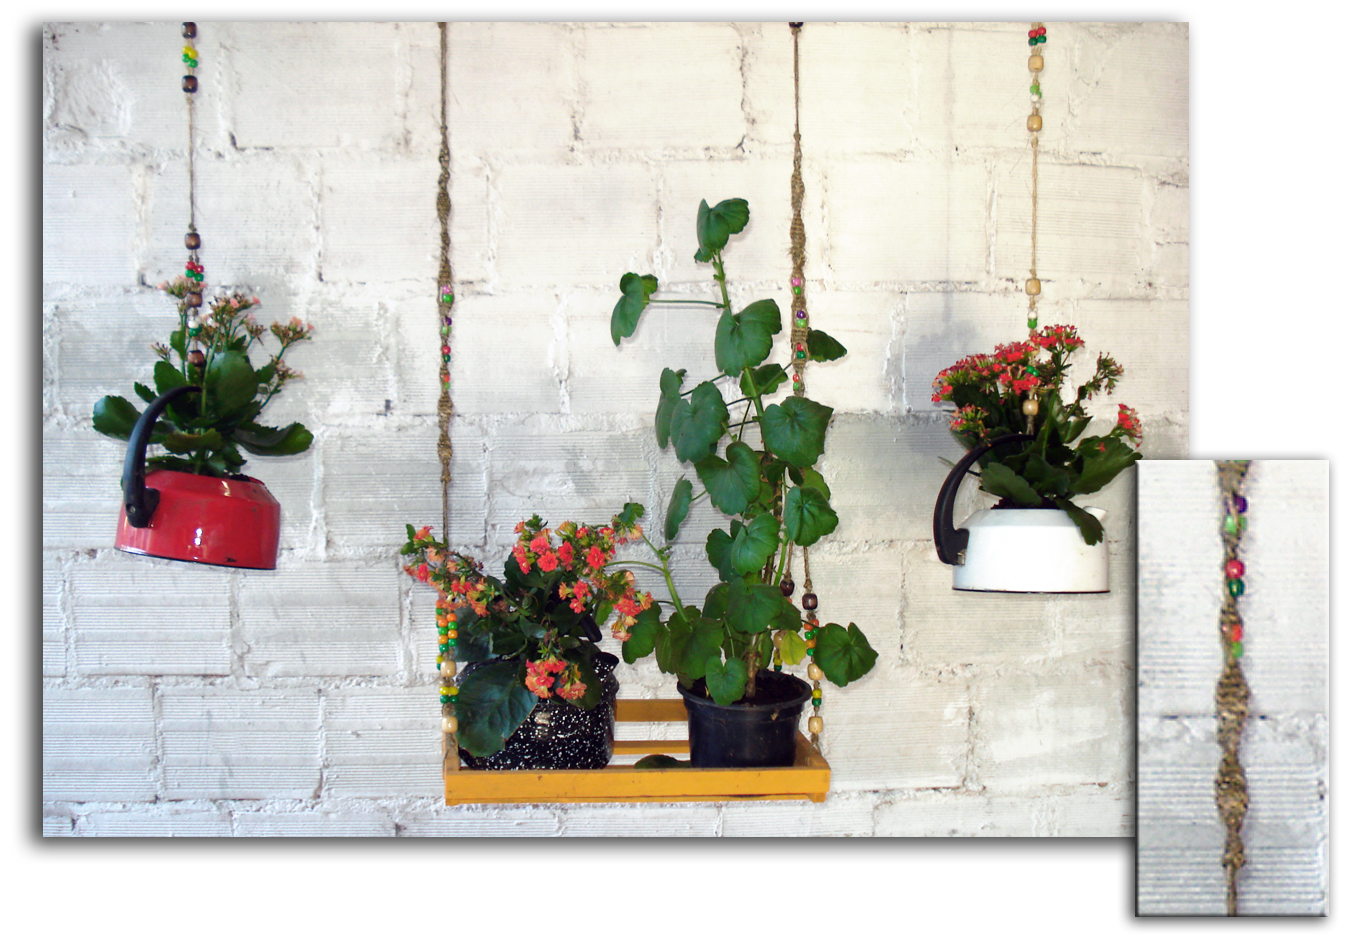 Sabe aquelas caixas de madeira que vêm com flores das floriculturas  #AA7121 1368x945